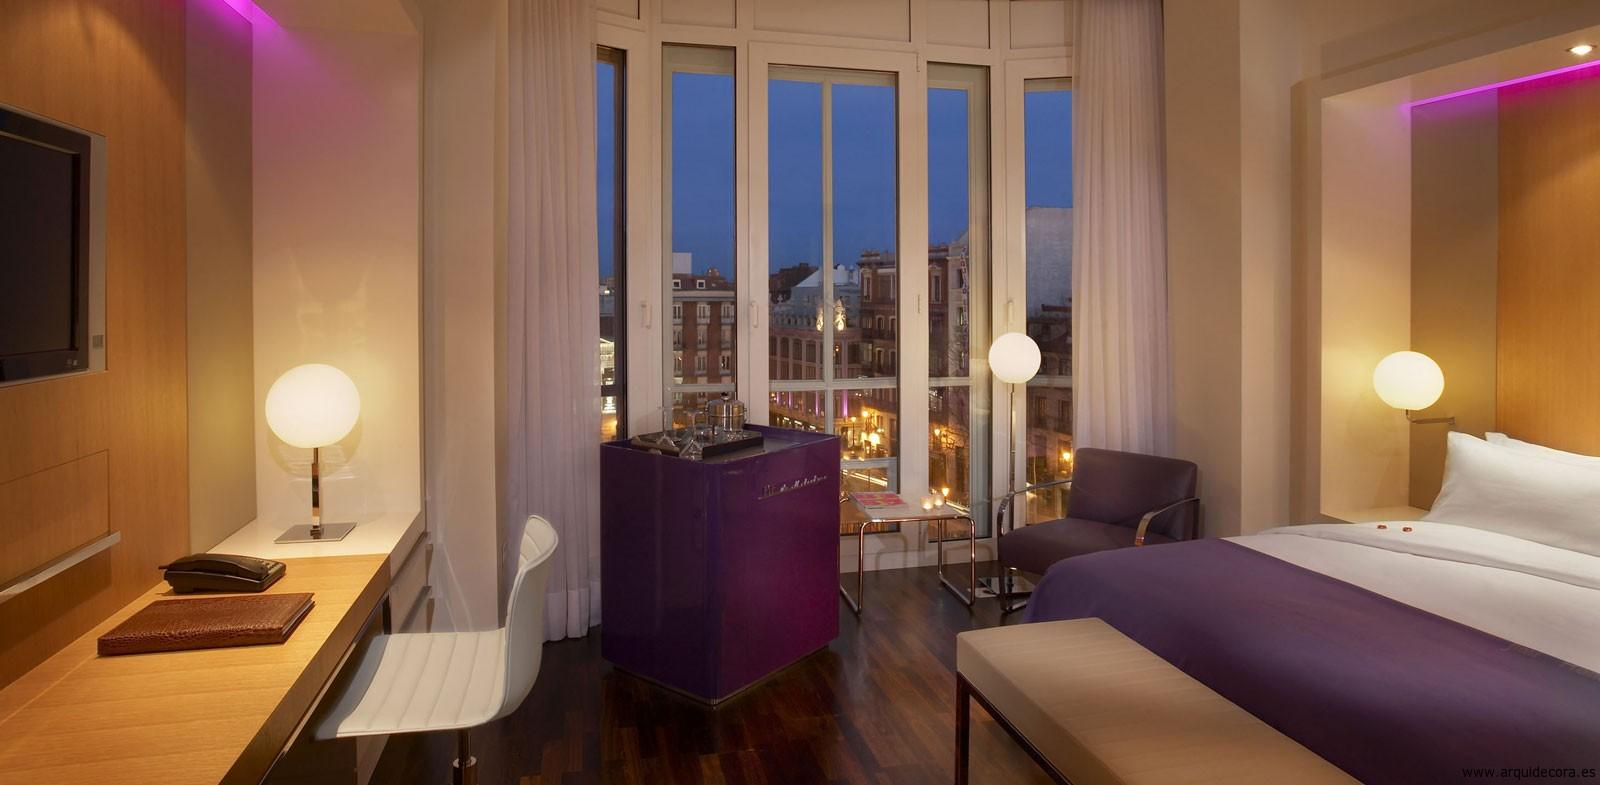 Hotel Melia Madrid